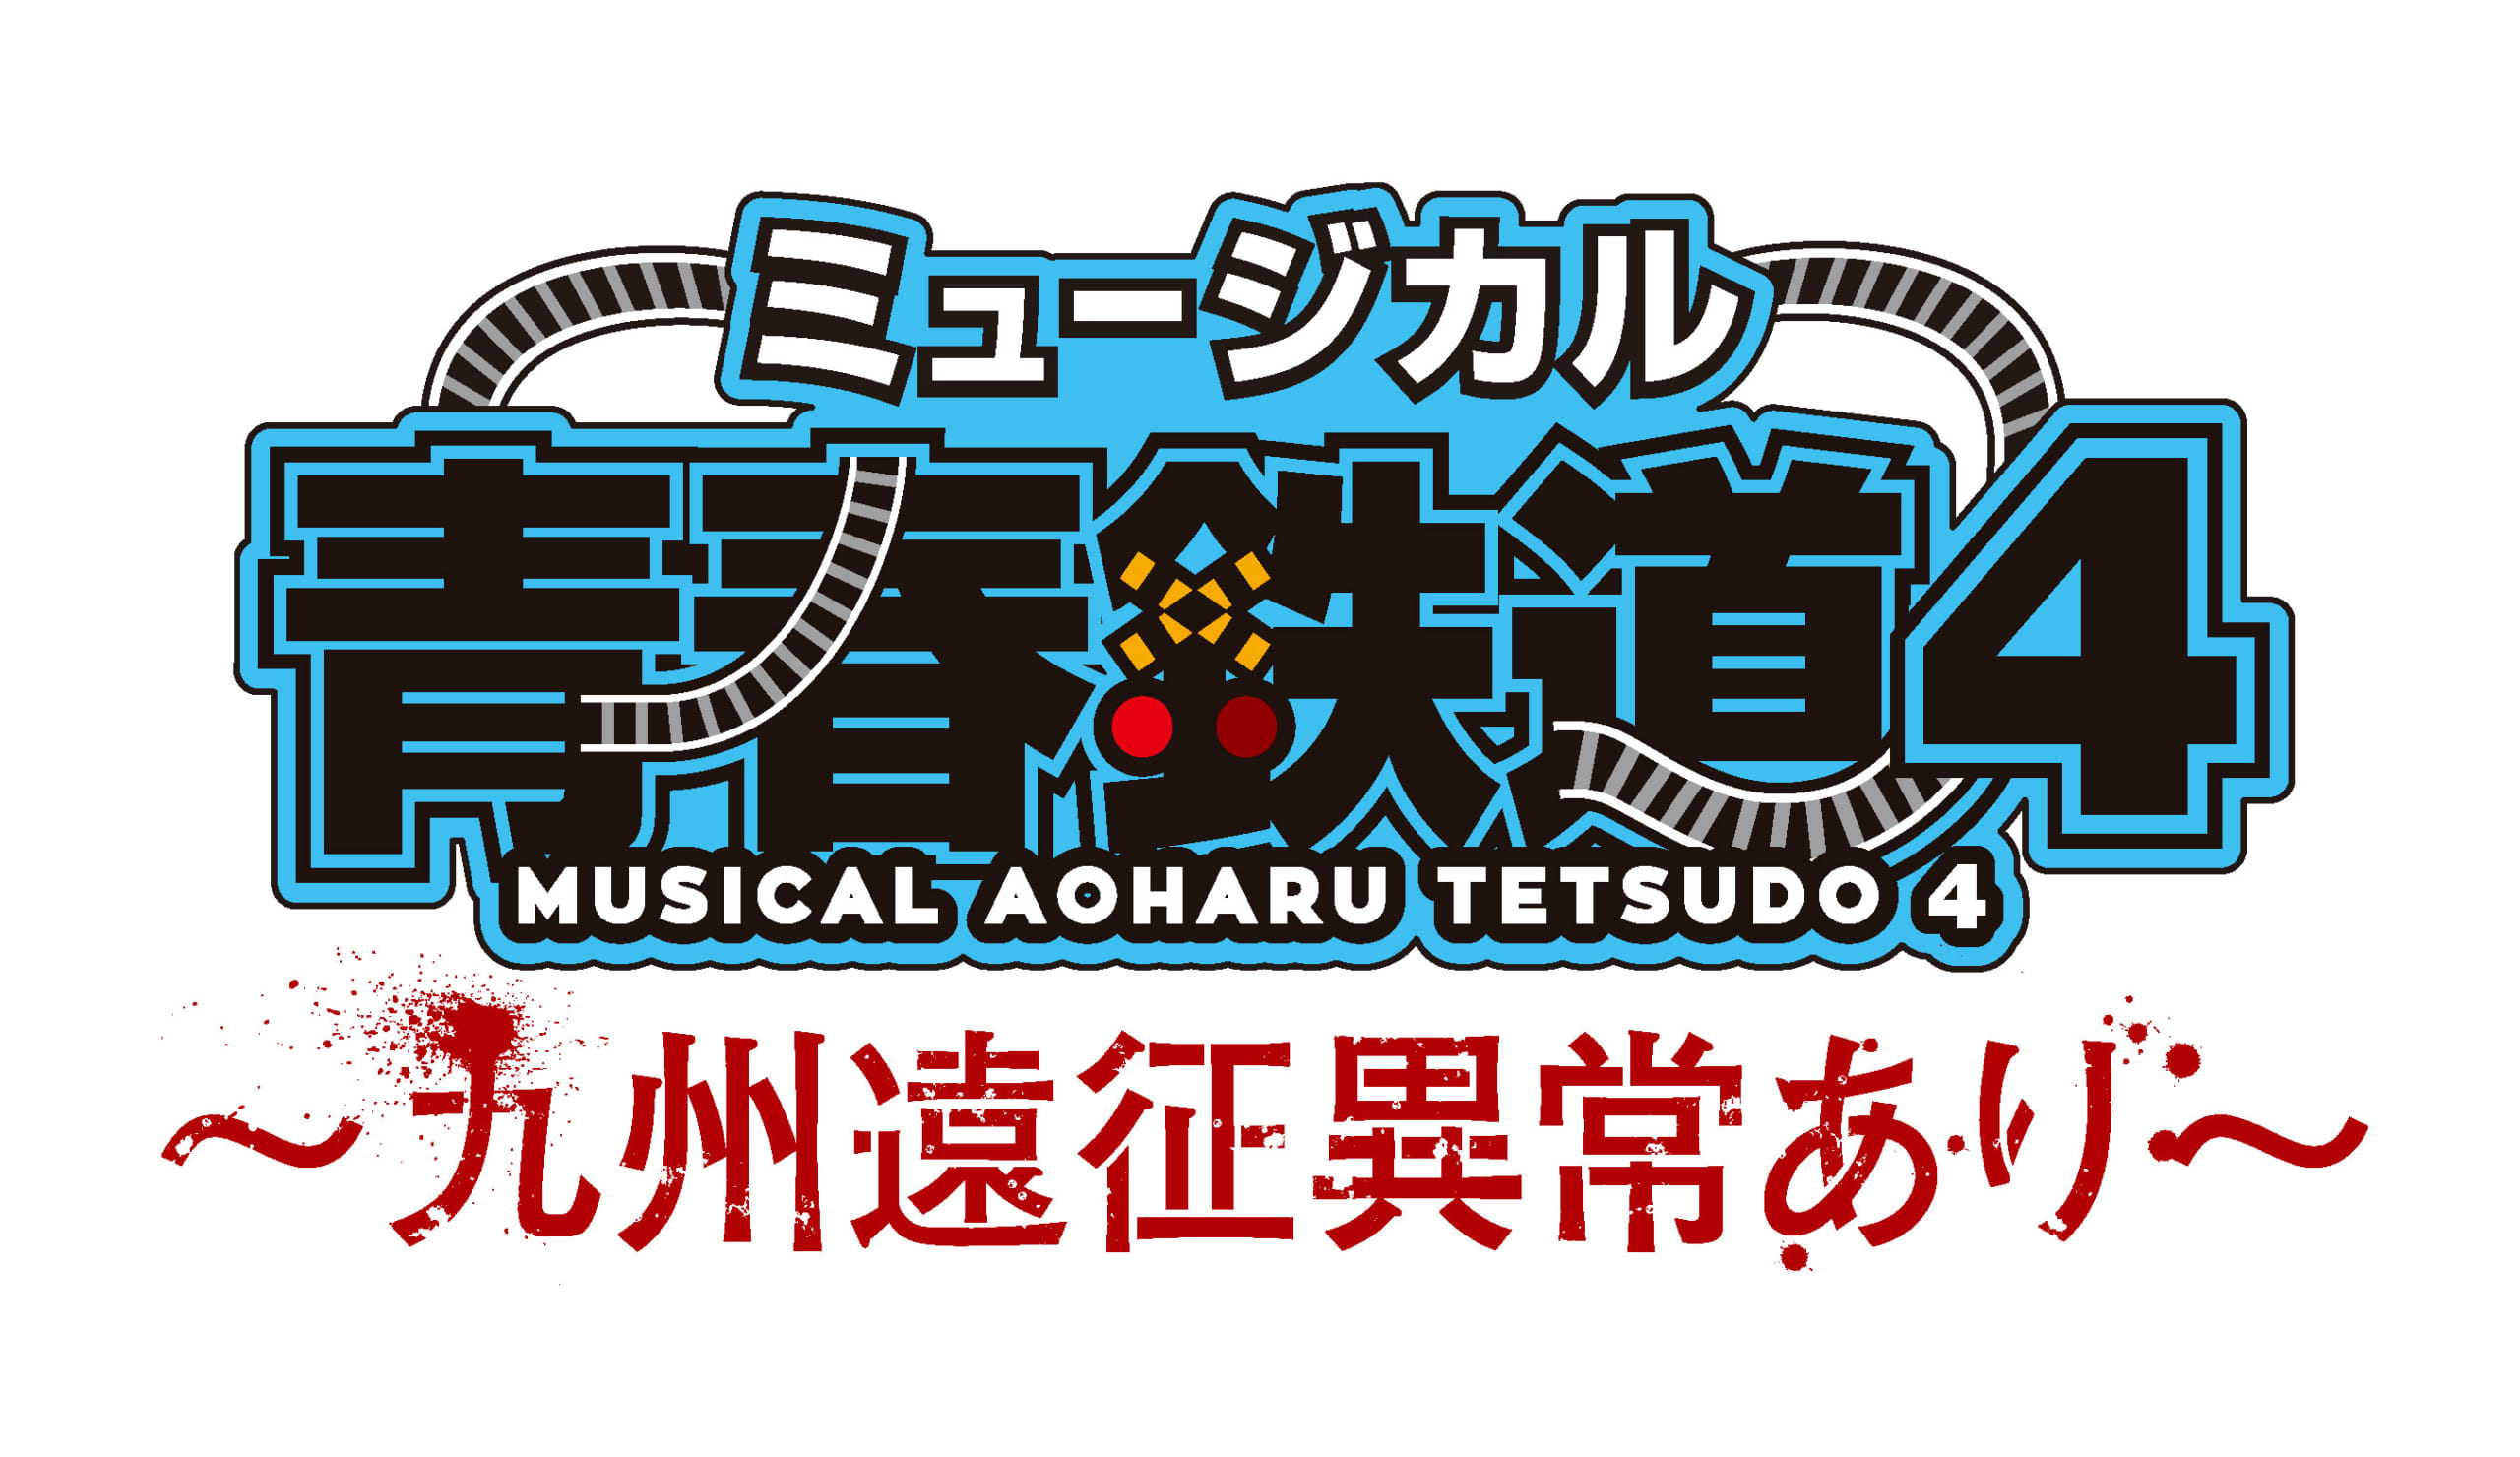 ミュージカル「青春-AOHARU-鉄道」4~九州遠征異常あり~